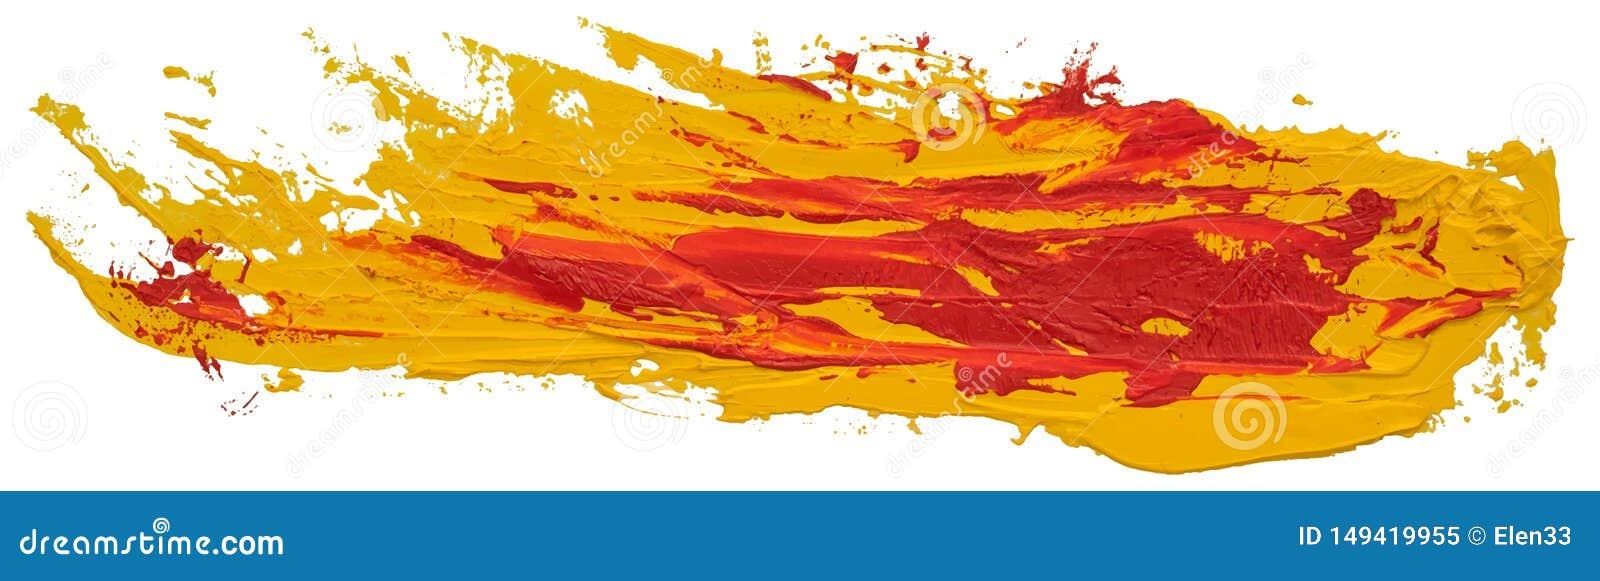 Röd och gul smutsig prickig slaglängd för borste för oljatexturmålarfärg